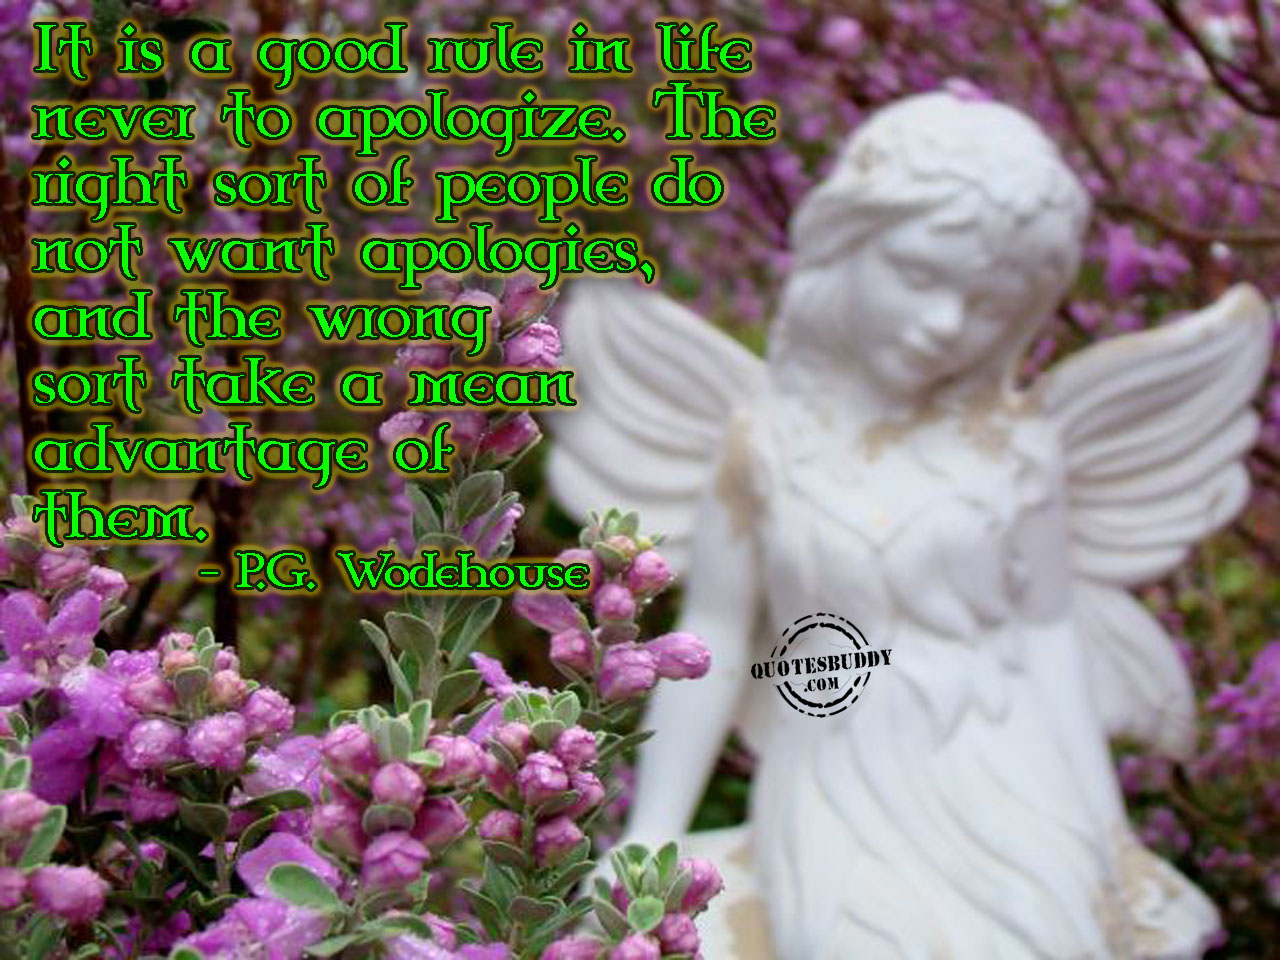 P. G. Wodehouse's quote #6